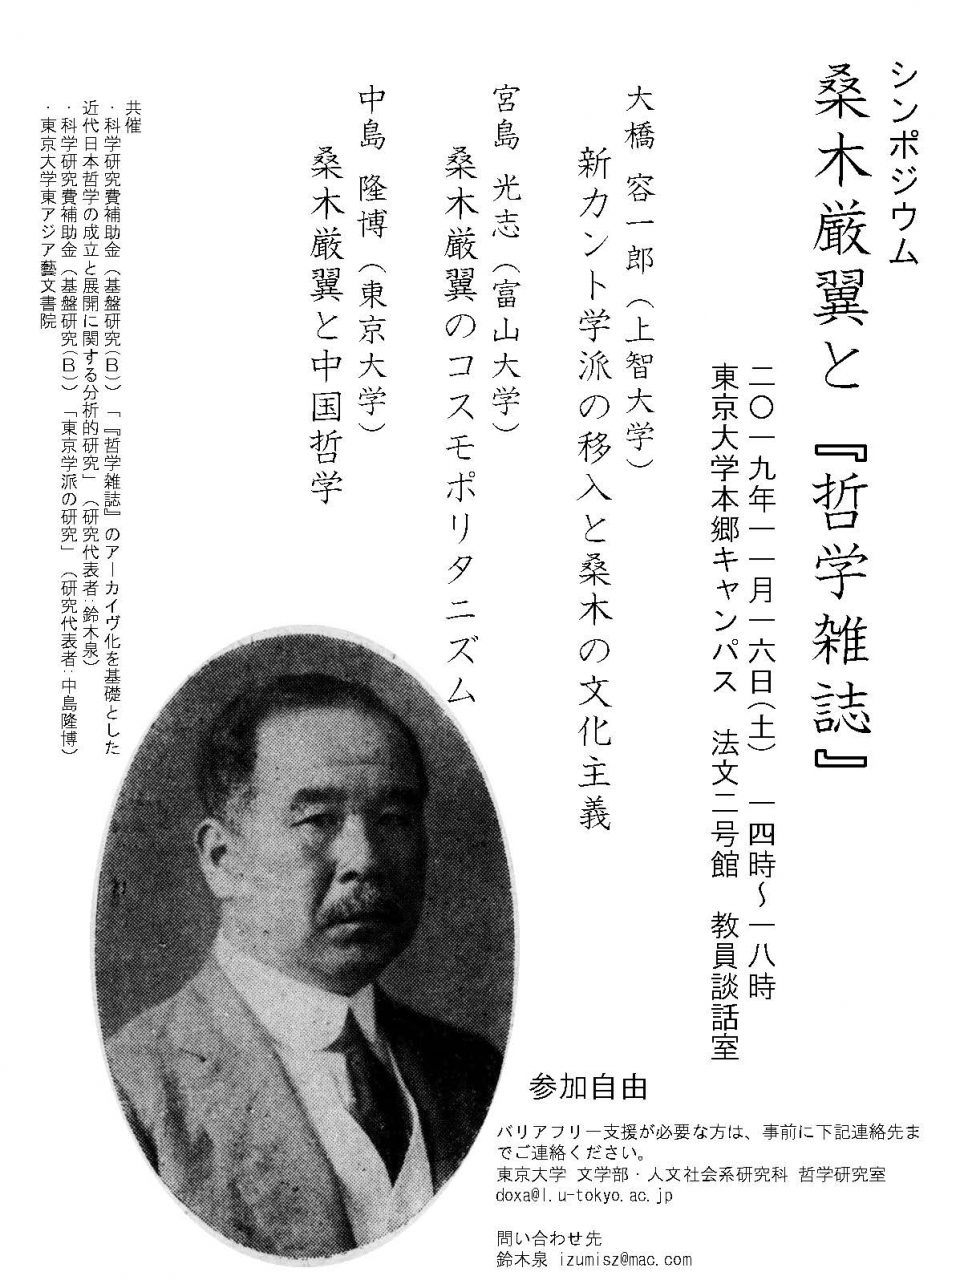 【共催イベント】シンポジウム「桑木厳翼と『哲学雑誌』」